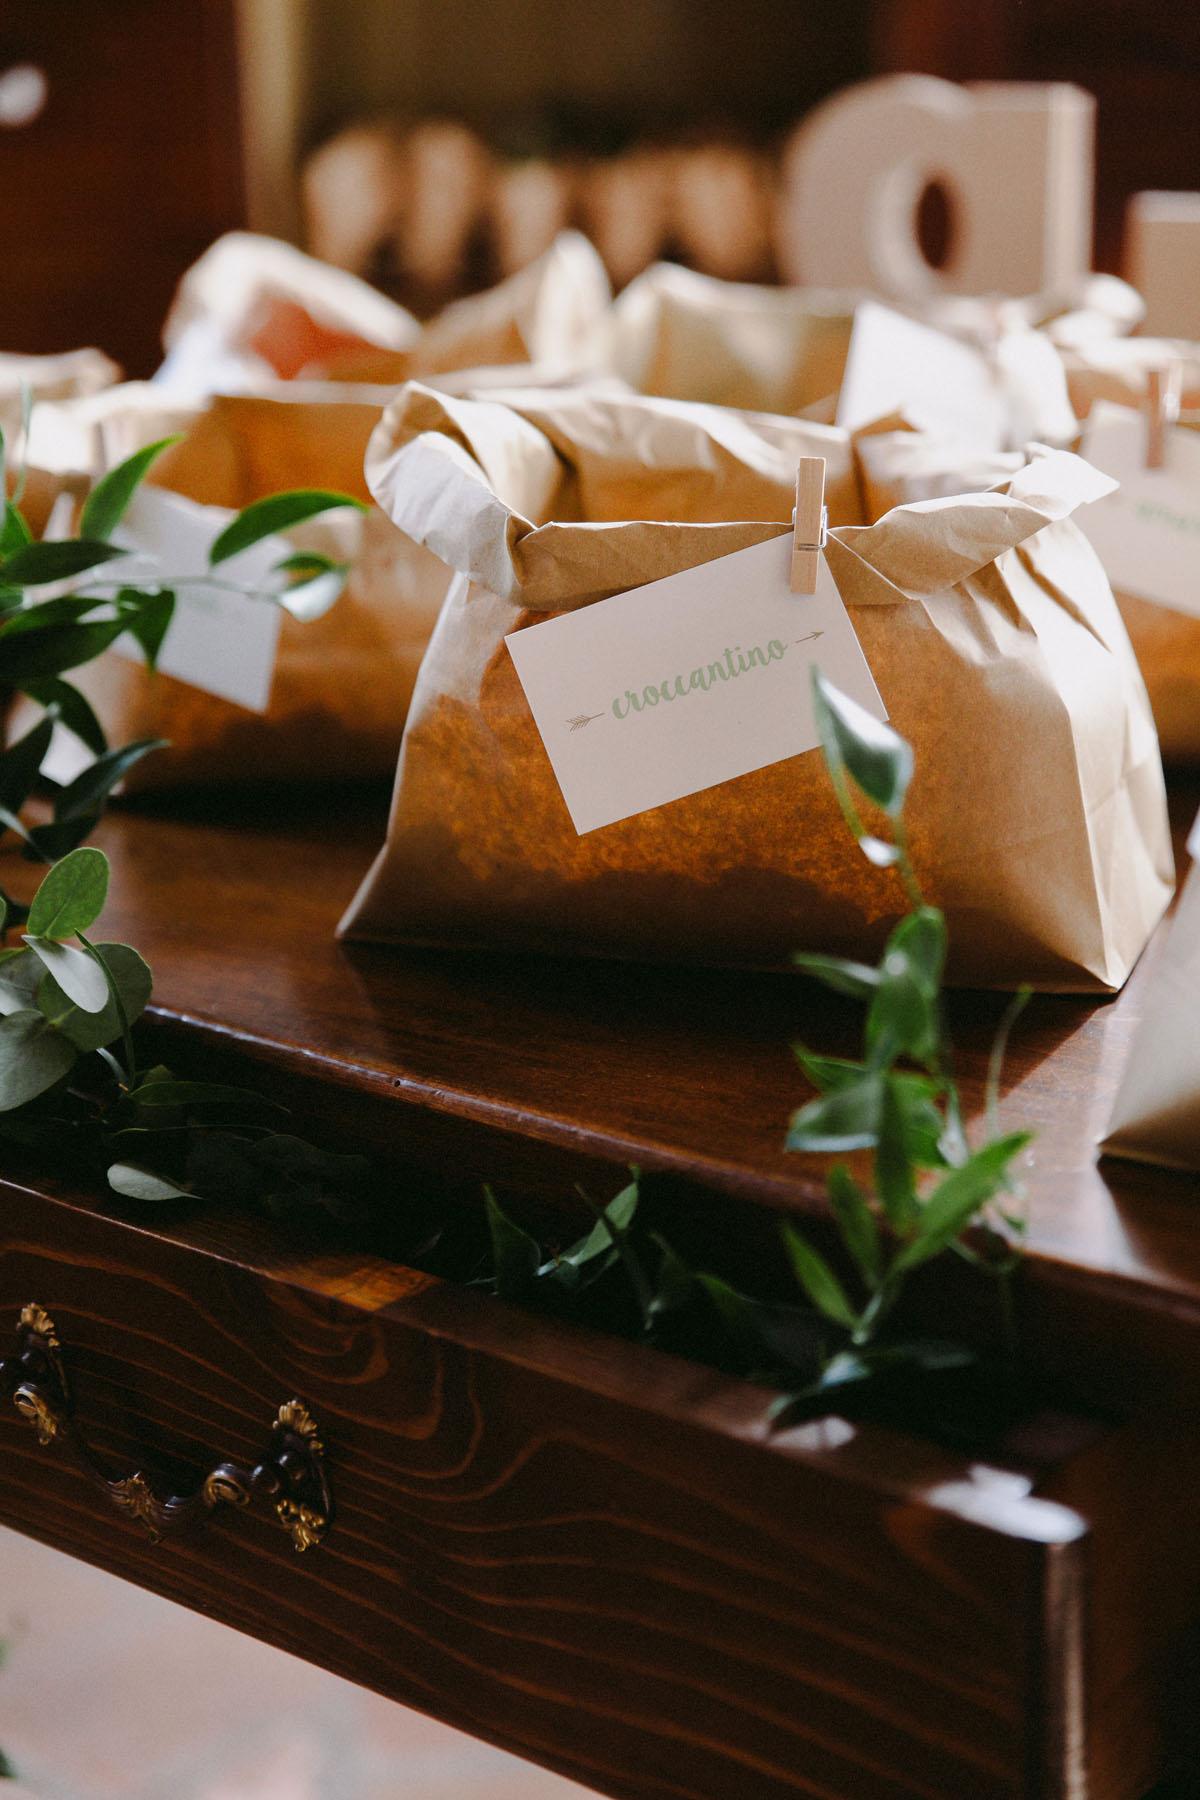 confettata con sacchetti in carta kraft